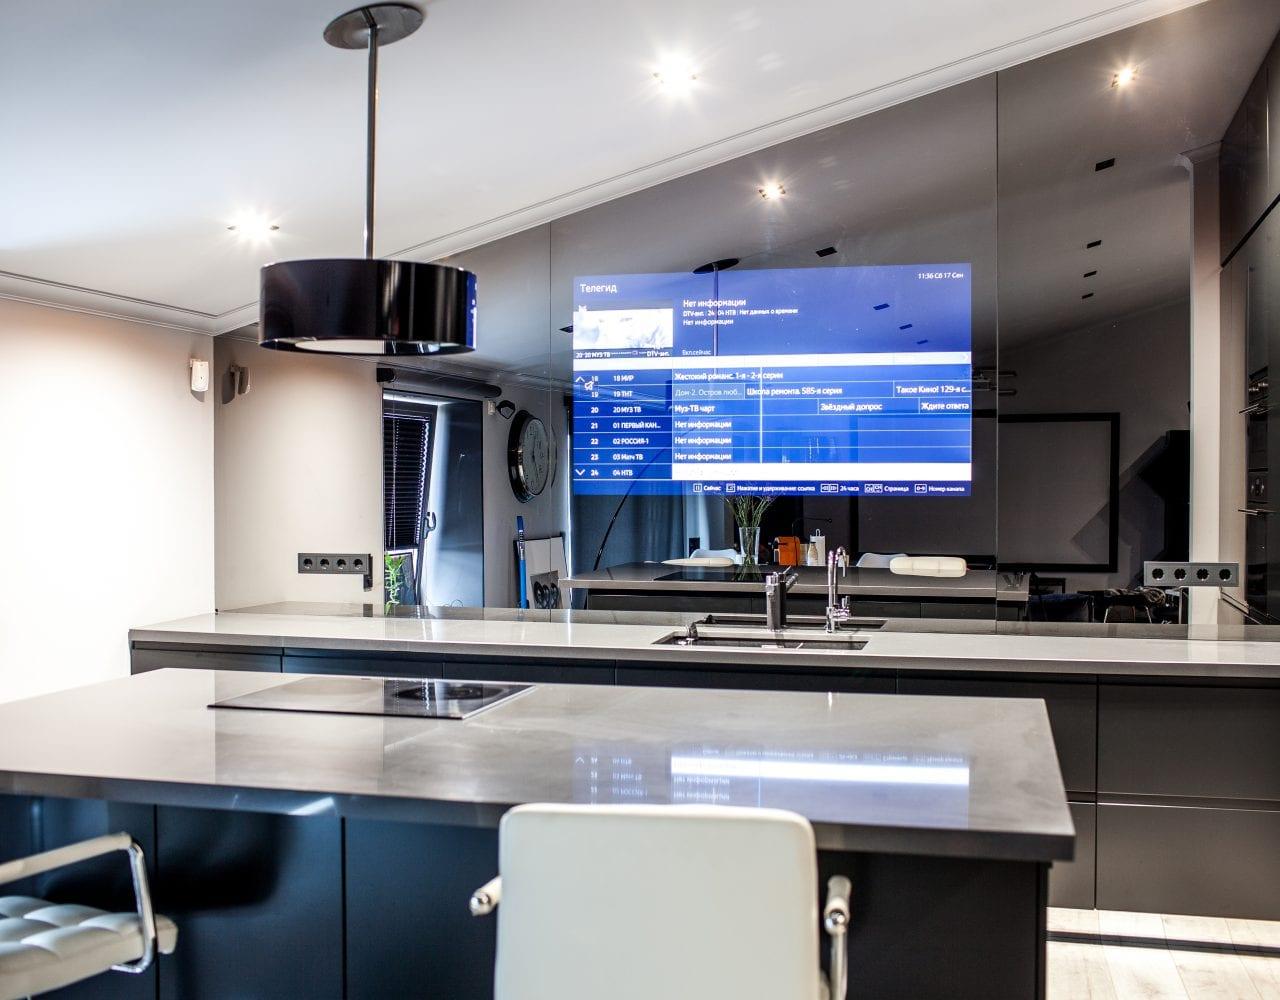 Зеркальный телевизор встроенный в фартук кухни